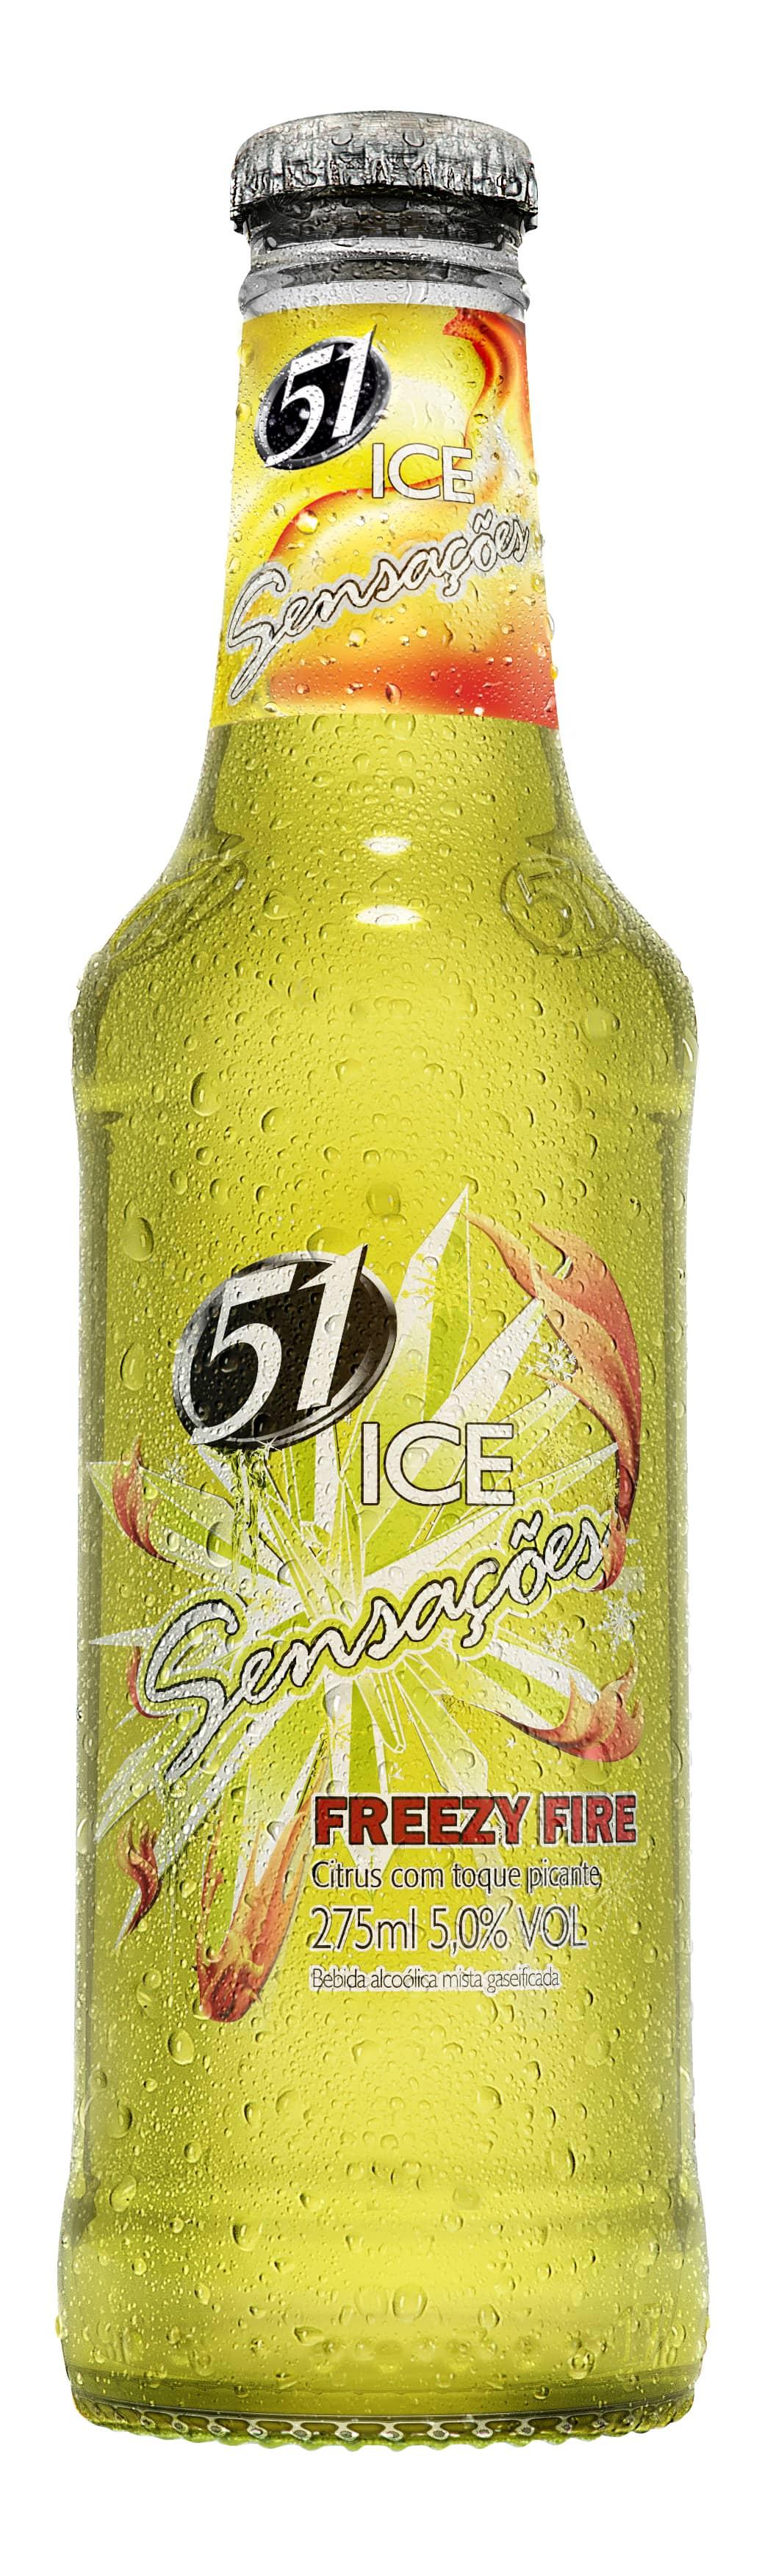 51-Ice